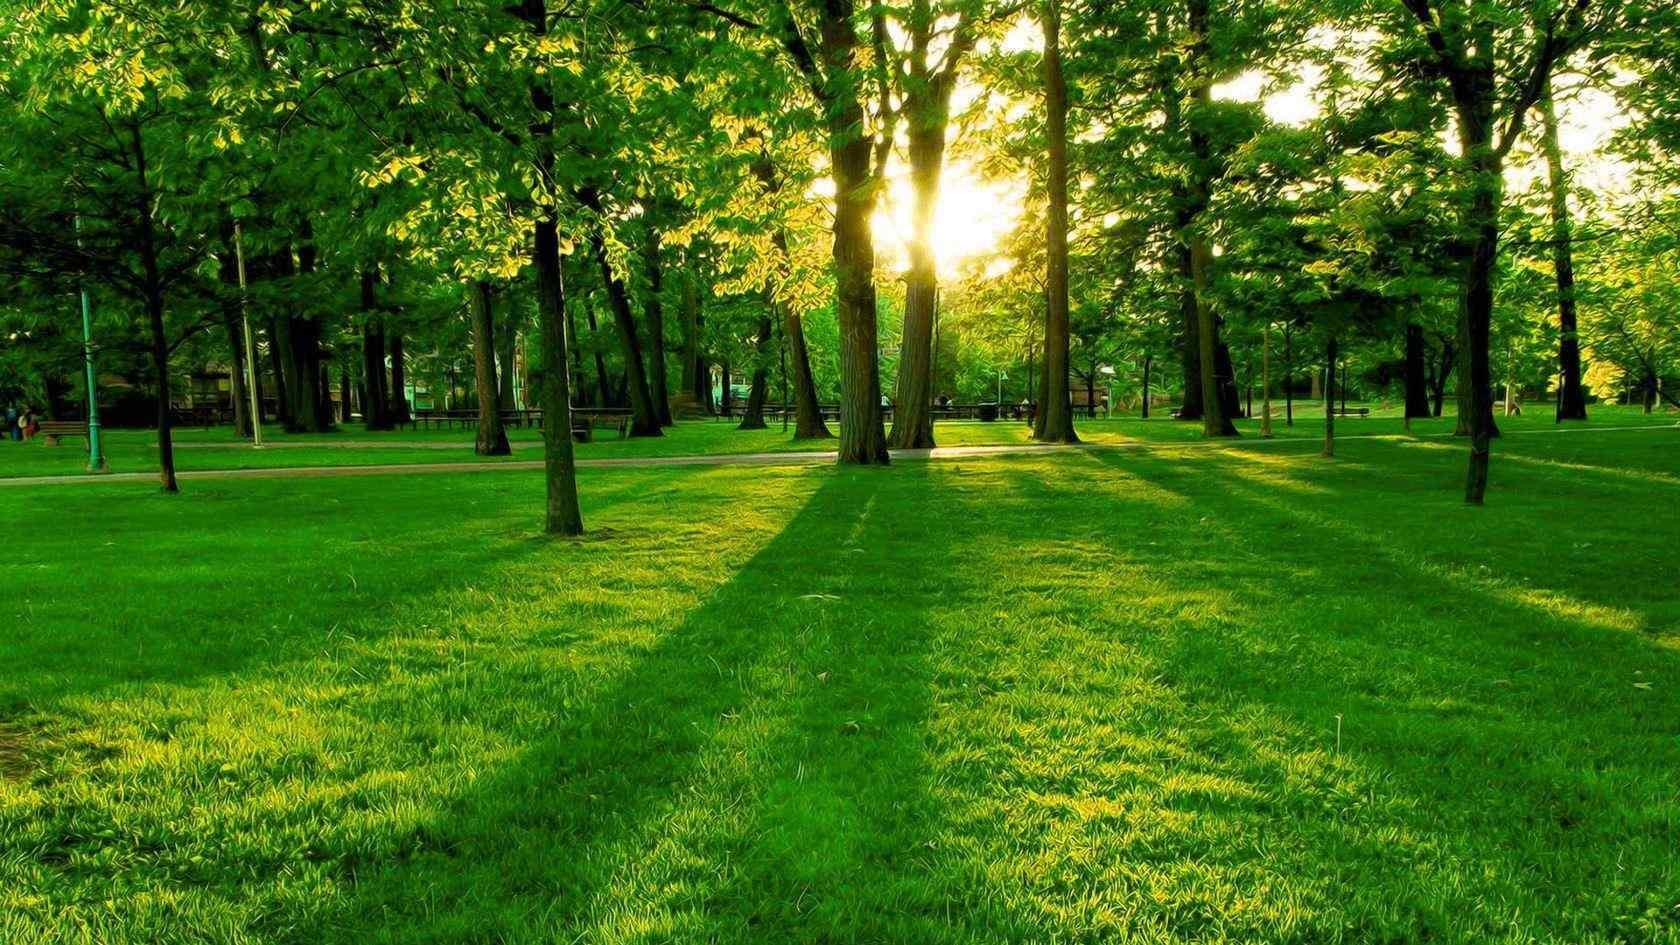 春天绿色的森林图片桌面壁纸